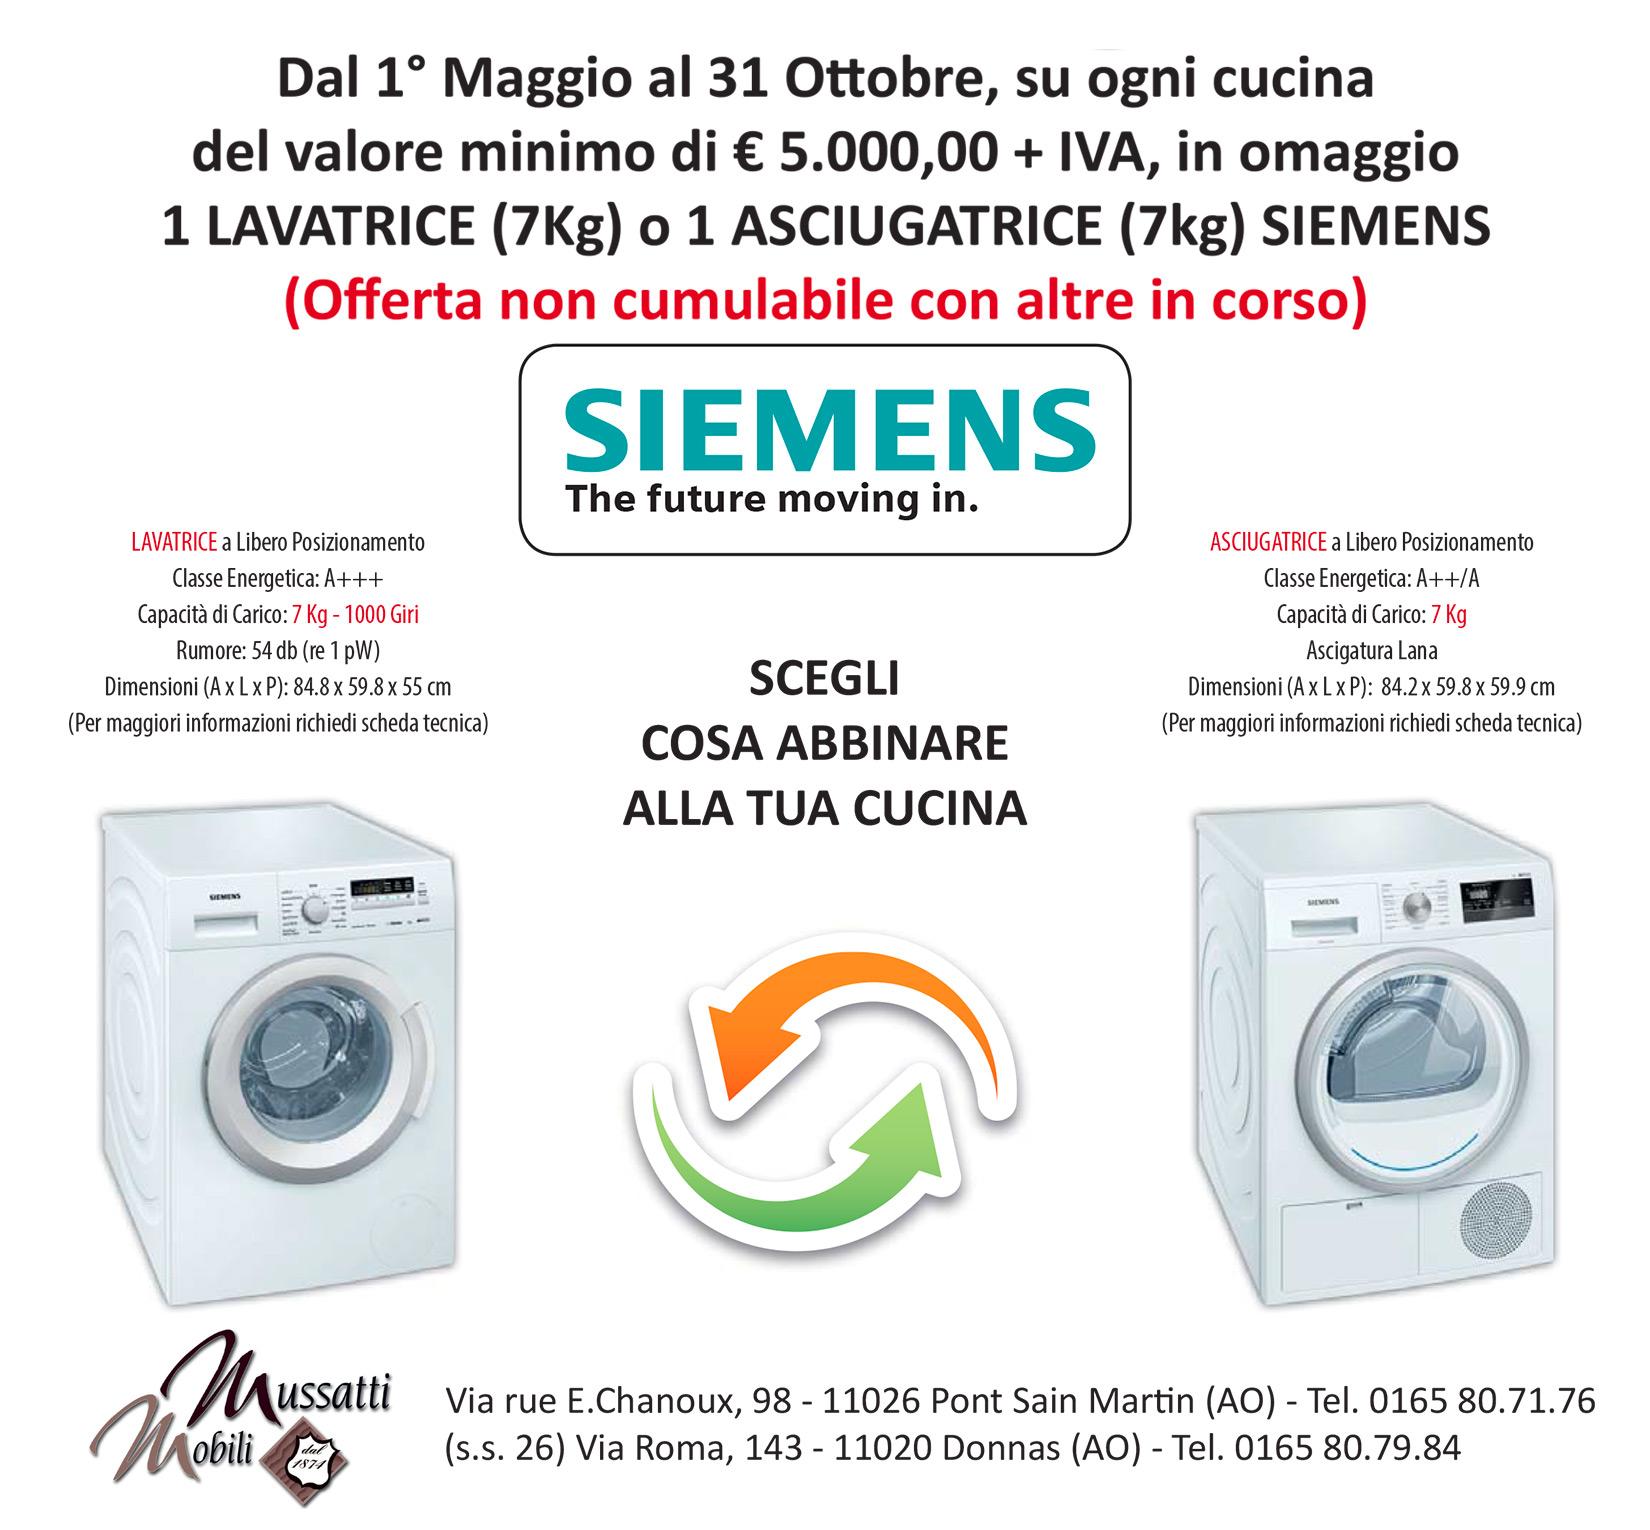 Da maggio ad ottobre lavatrice o lavastoviglie in regalo se acquisti una cucina.. richiedi informazioni